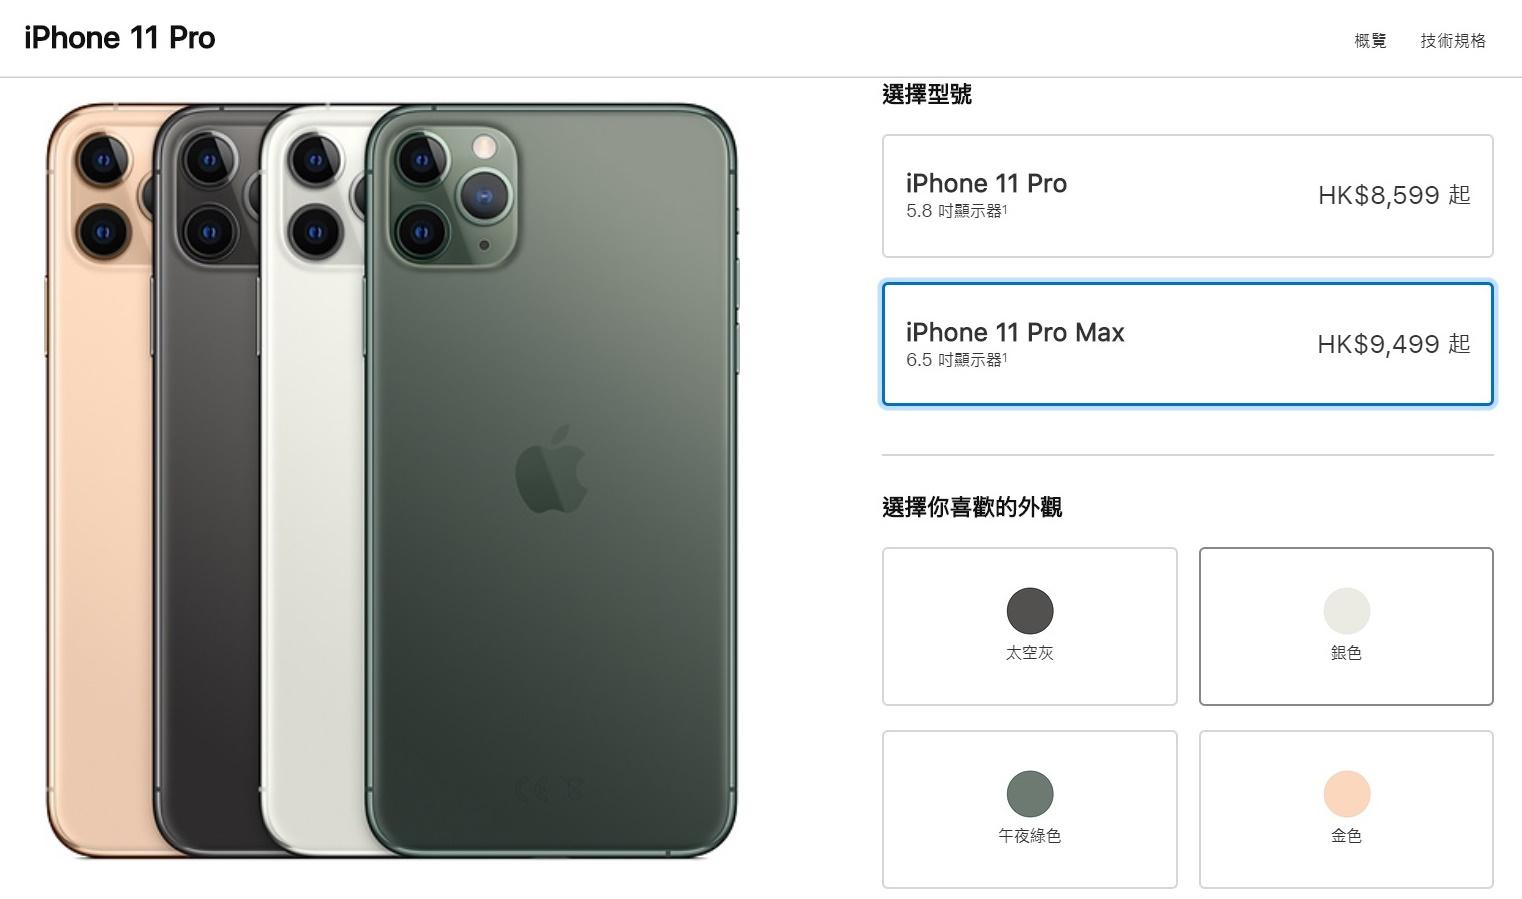 iPhone11Pro新增午夜綠款式。